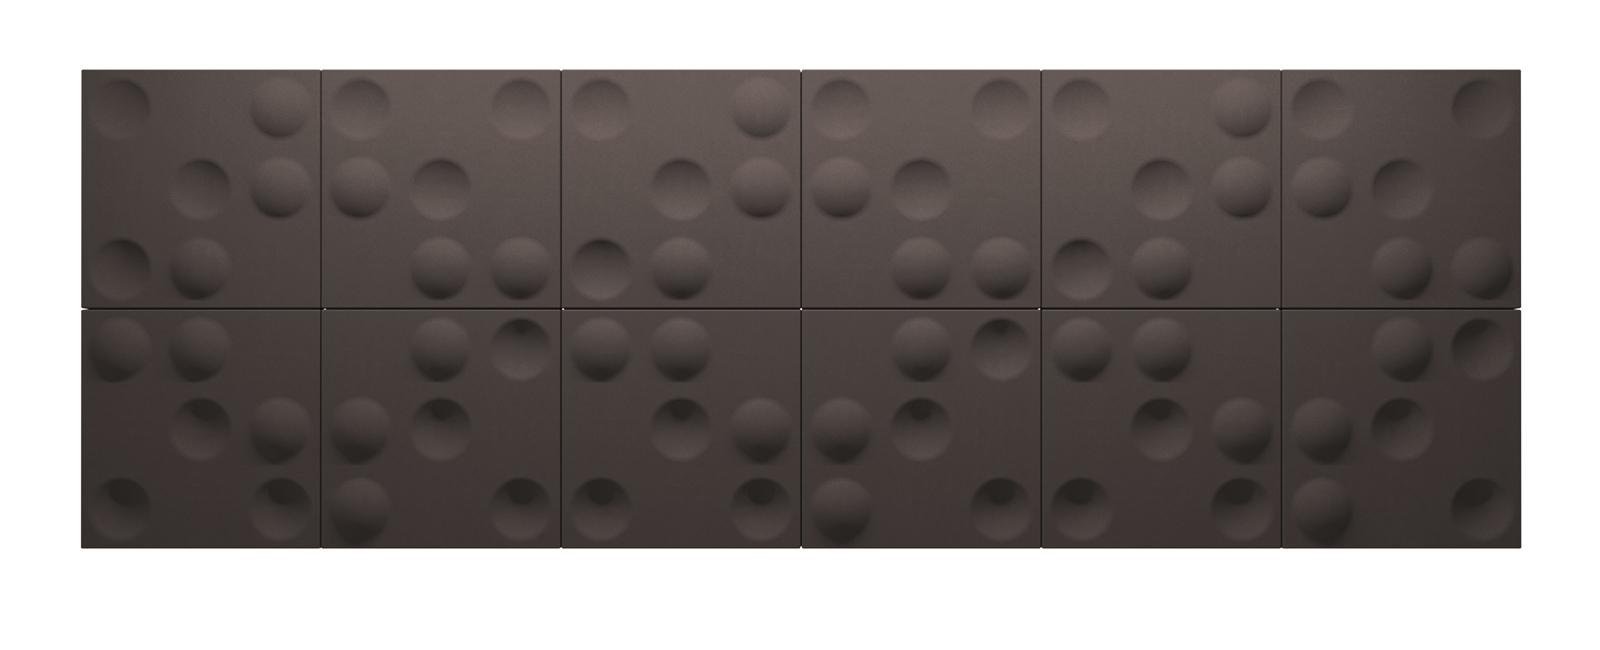 Autex Quietspace 3D Tiles S-5.34   Bark